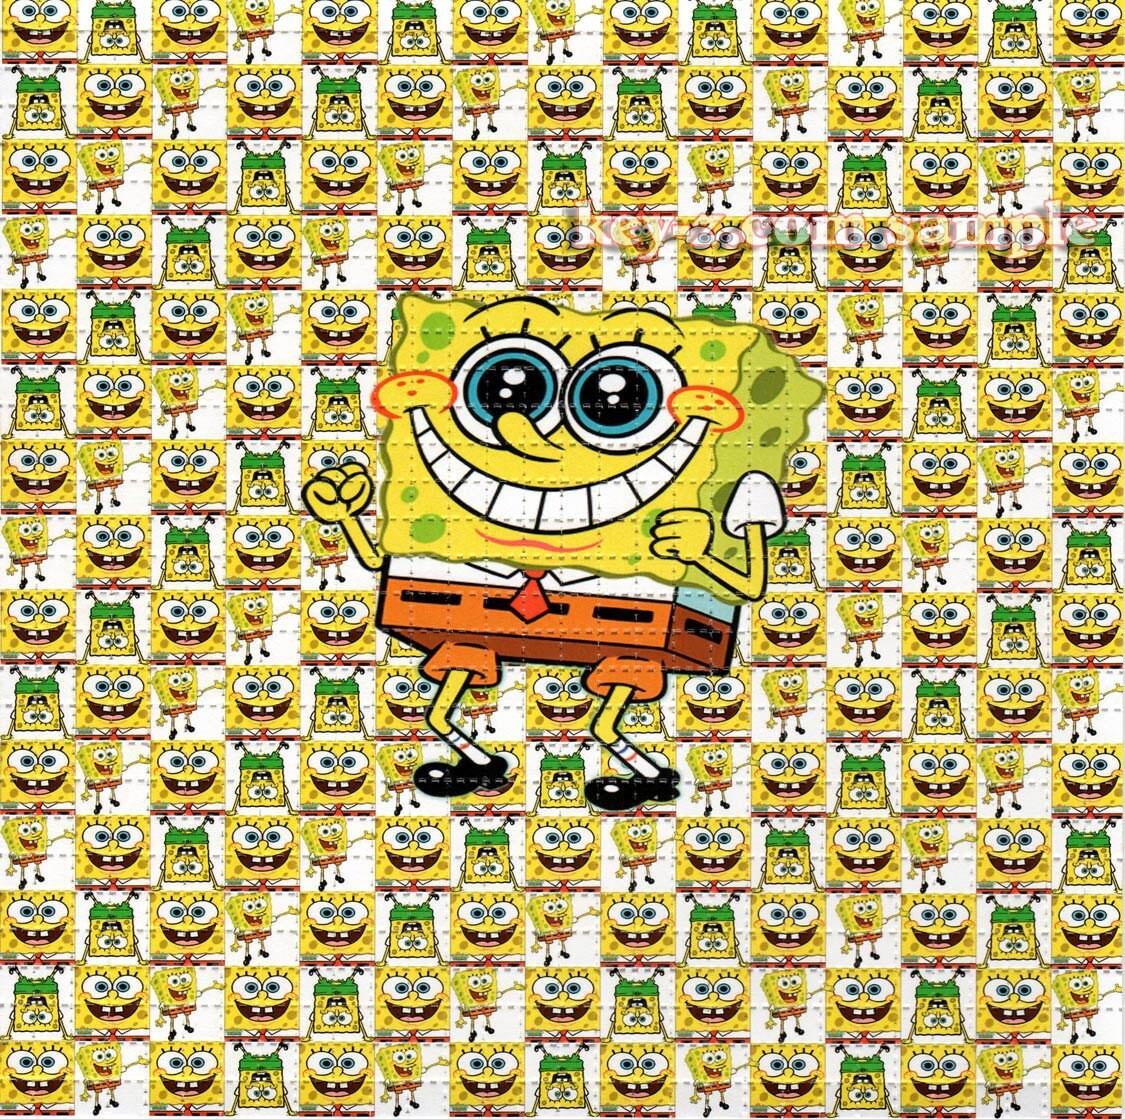 Spongebob Squarepants BLOTTER ART perforated acid art paper